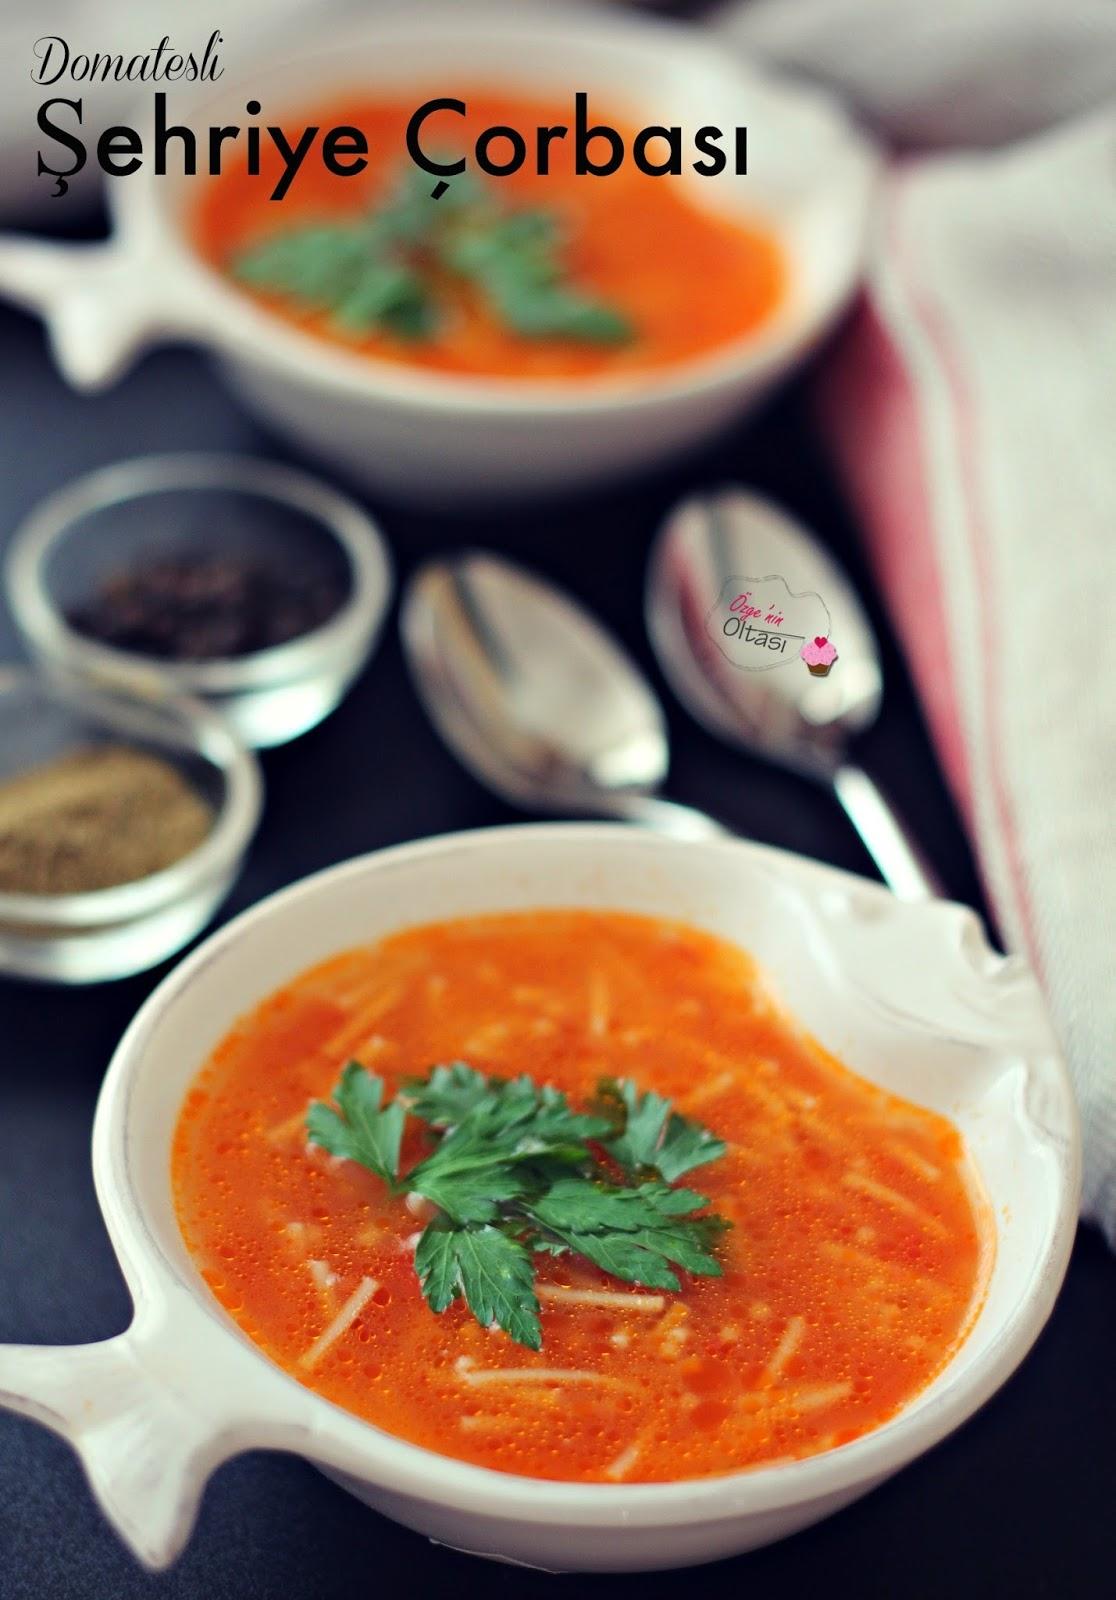 Domatesli şehriye çorbası tarifi